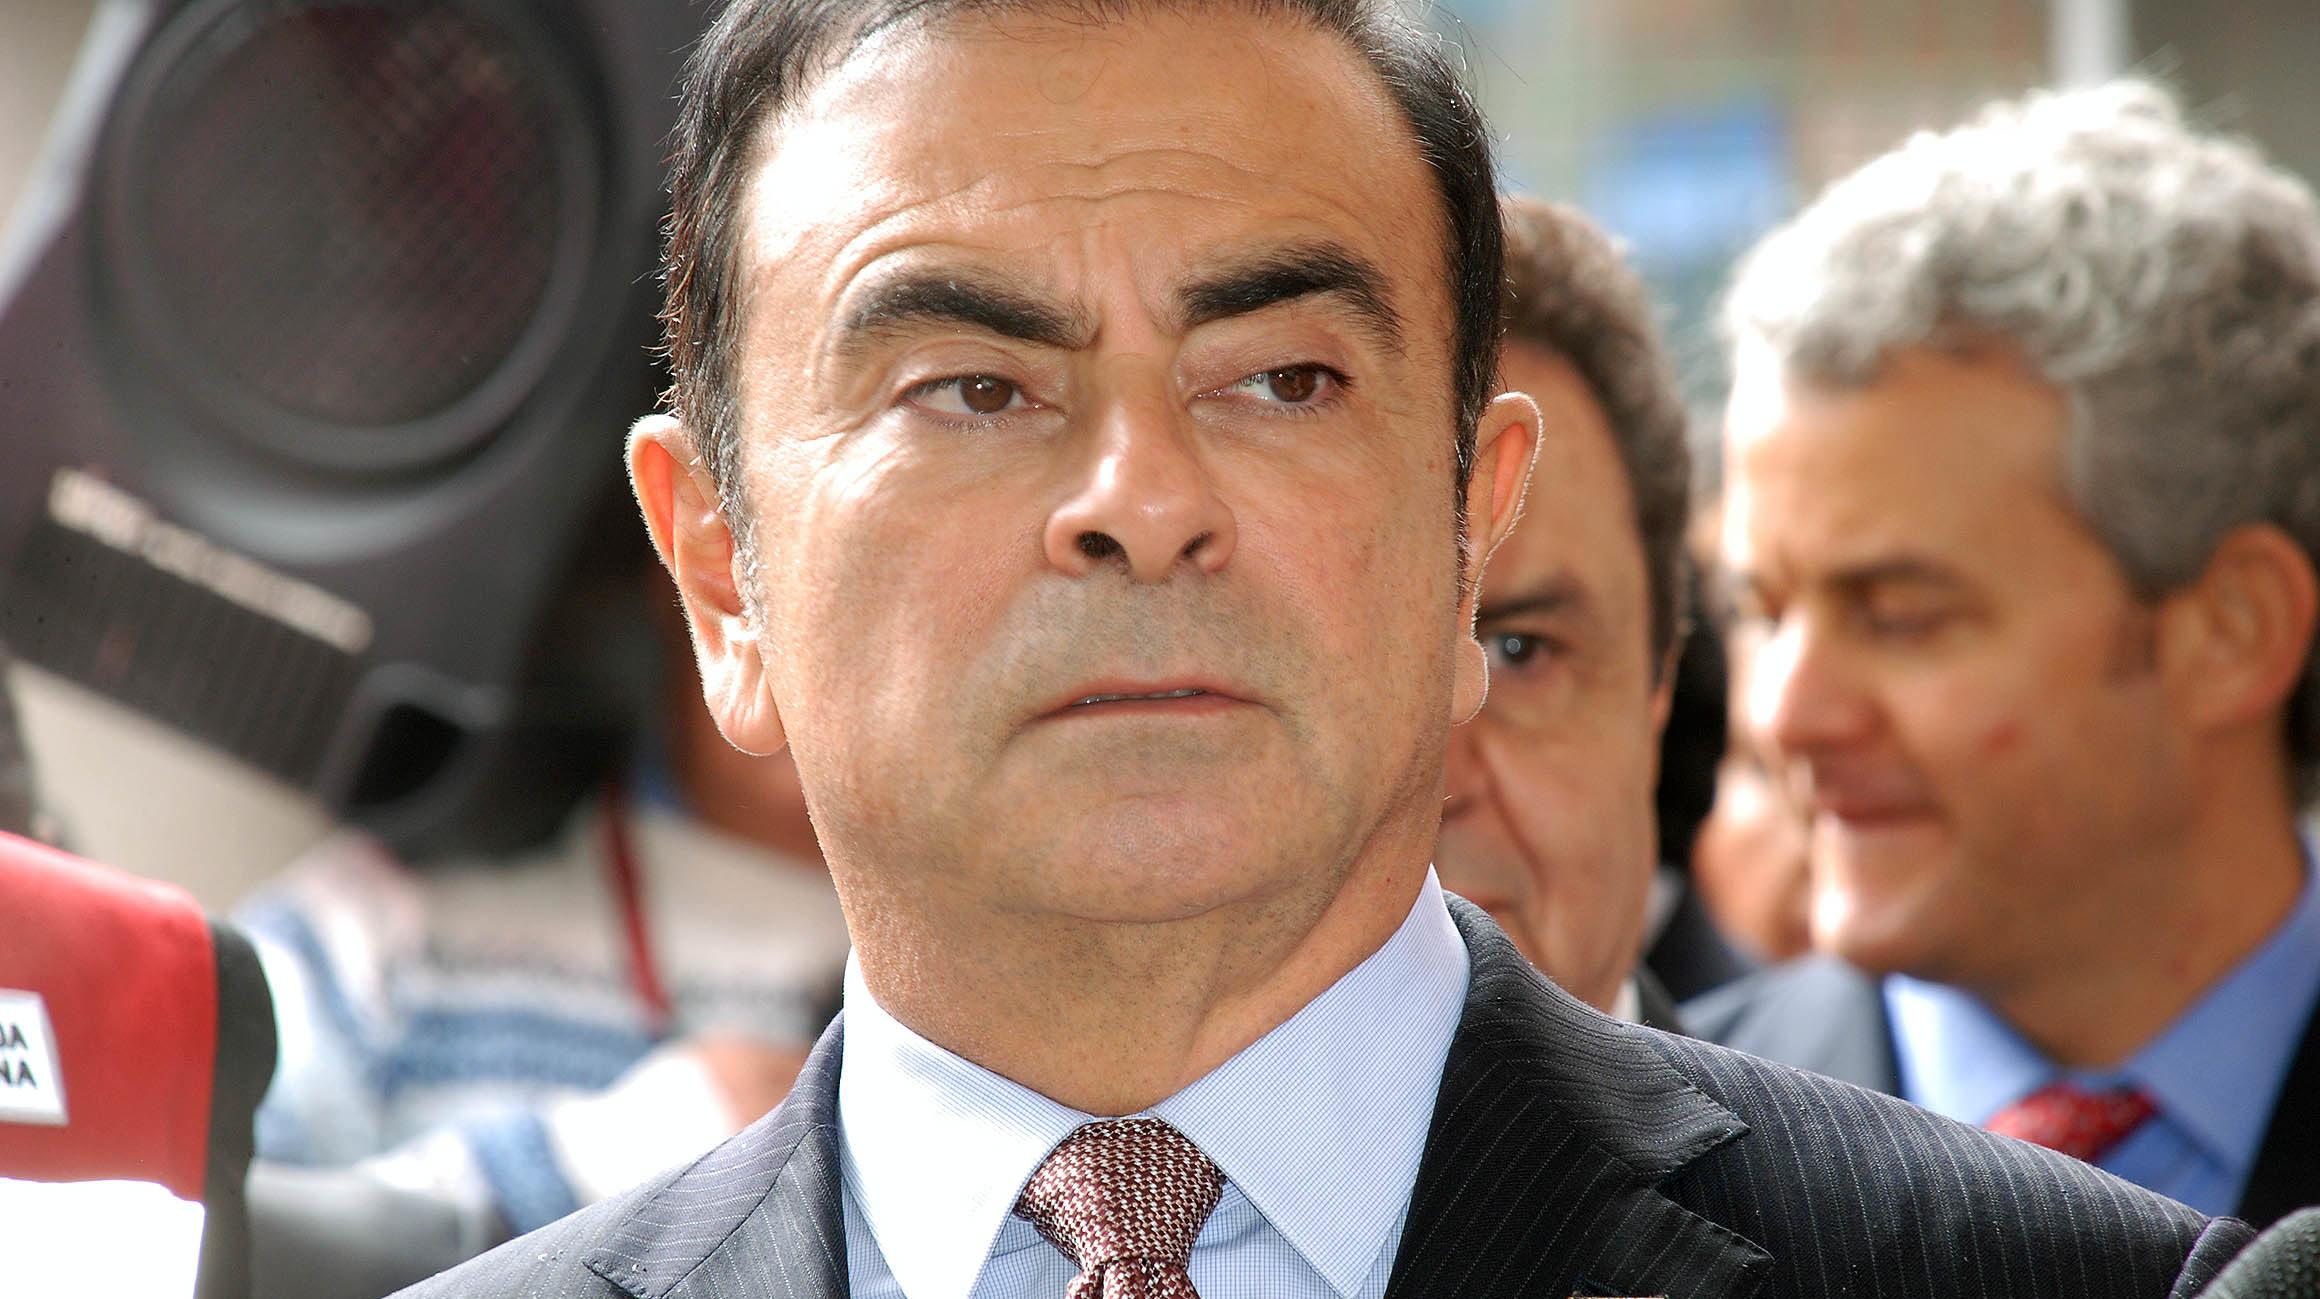 Acusa Carlos Ghosn a Nissan de haber conspirado en su contra